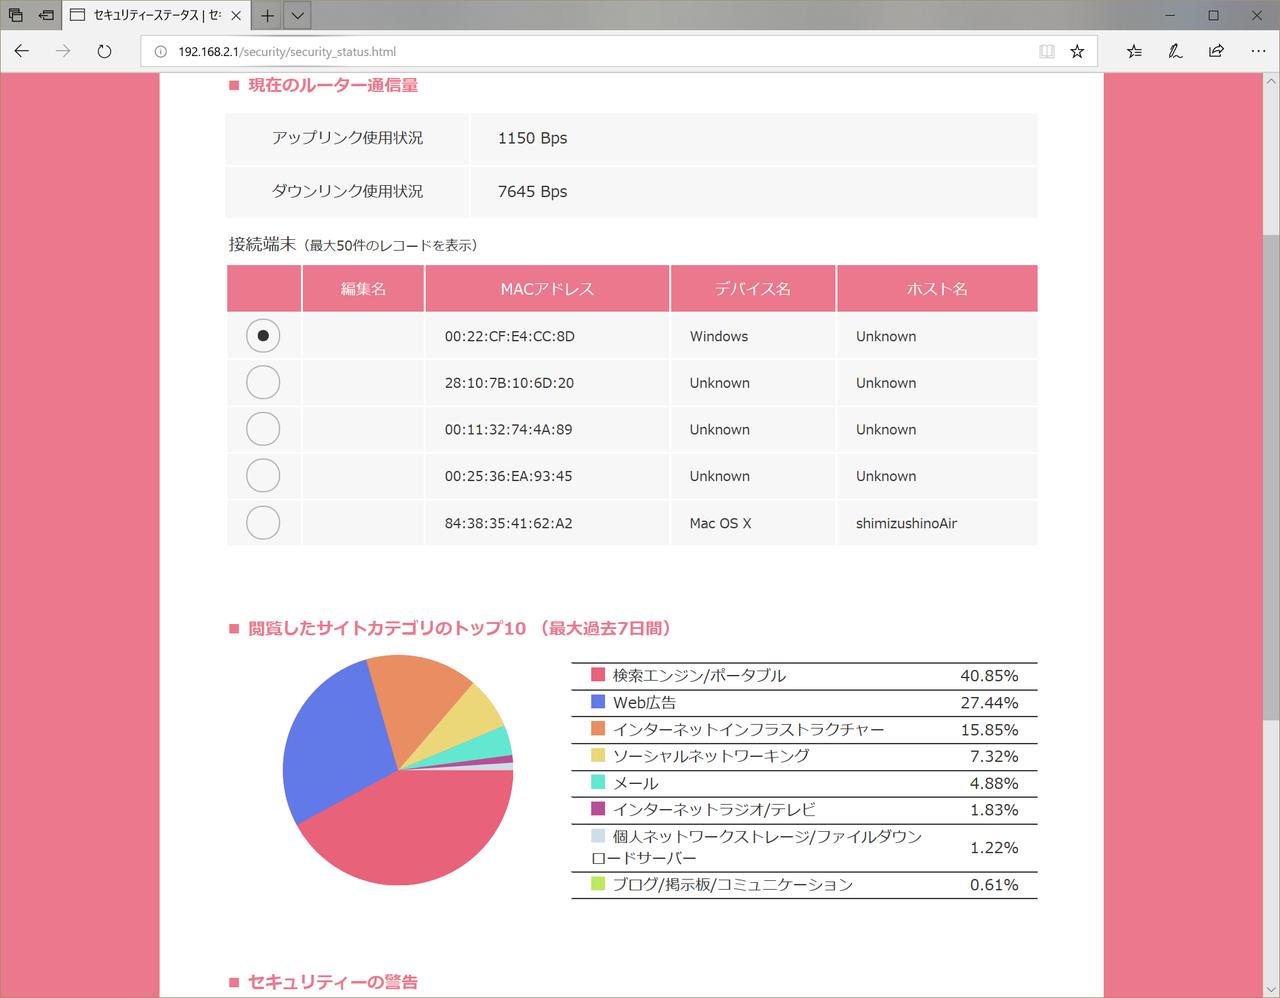 端末の通信状況もチェック可能。どのウェブサイトにアクセスしているかといった分析もできる